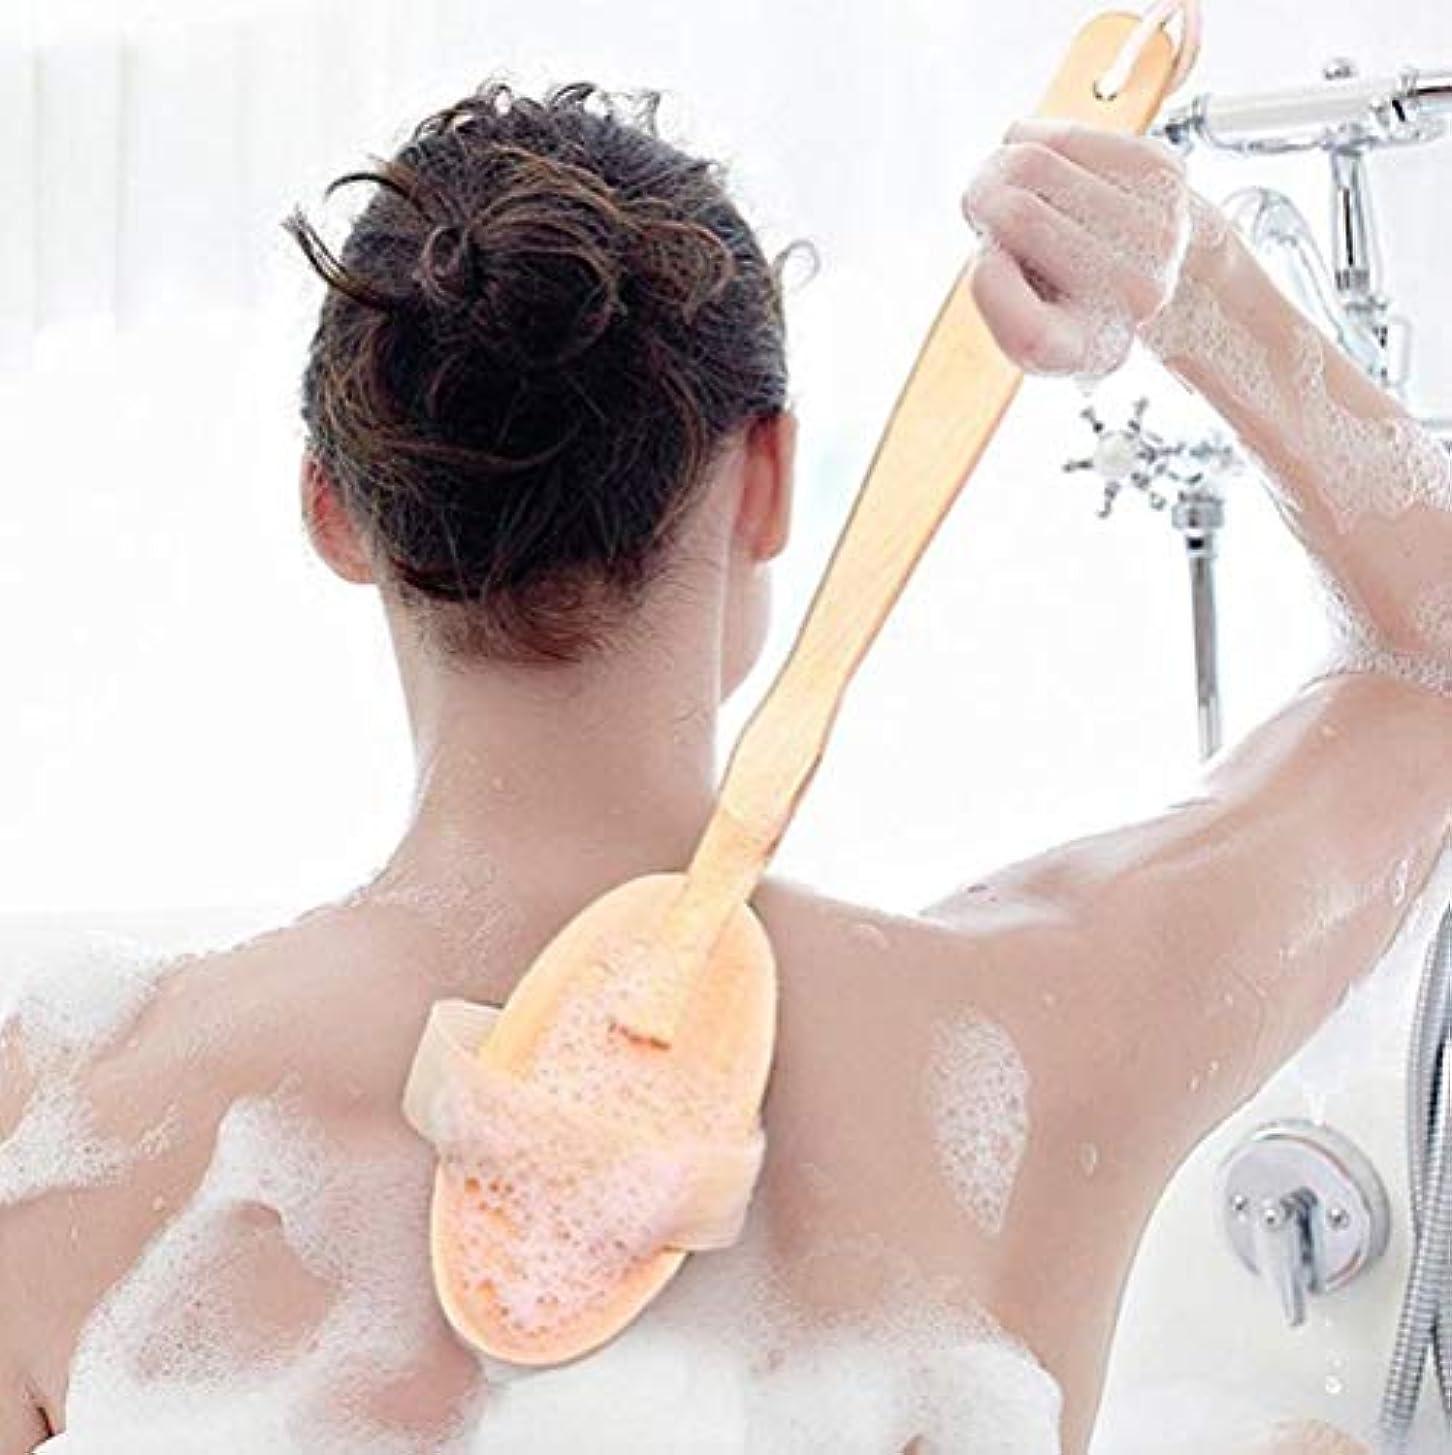 喉が渇いた後継忙しい木製の長いハンドルバスブラシ豚毛ブラシ乾燥肌ボディブラシシャワードライクリーニングブラシ剥離